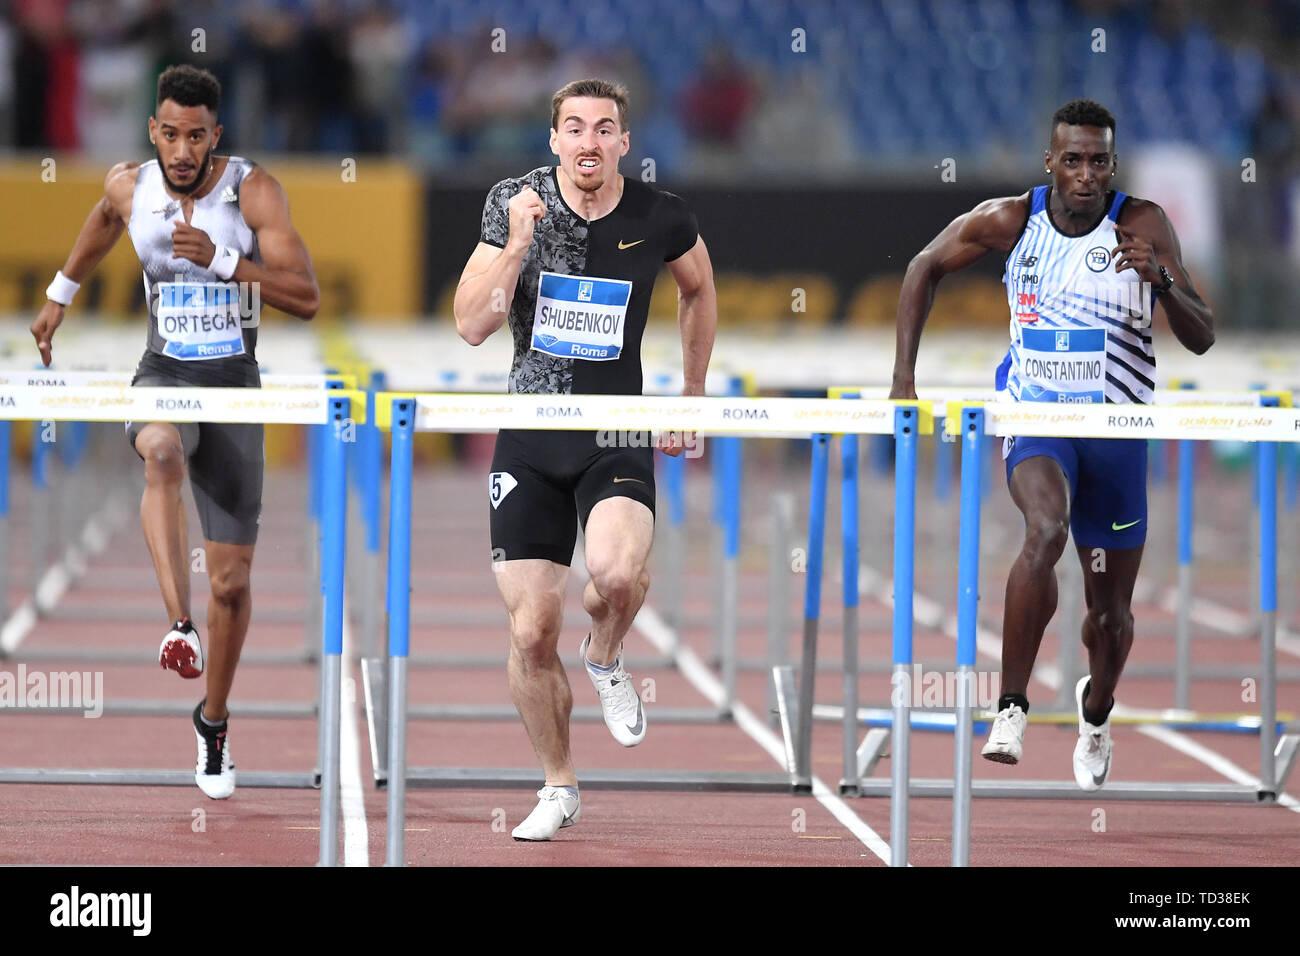 Orlando Ortega di Spagna, Sergey Shubenkov della Russia e Gabriel Constantino del Brasile competere in uomini 110m Hurdles presso la IAAF Diamond League Gol Foto Stock